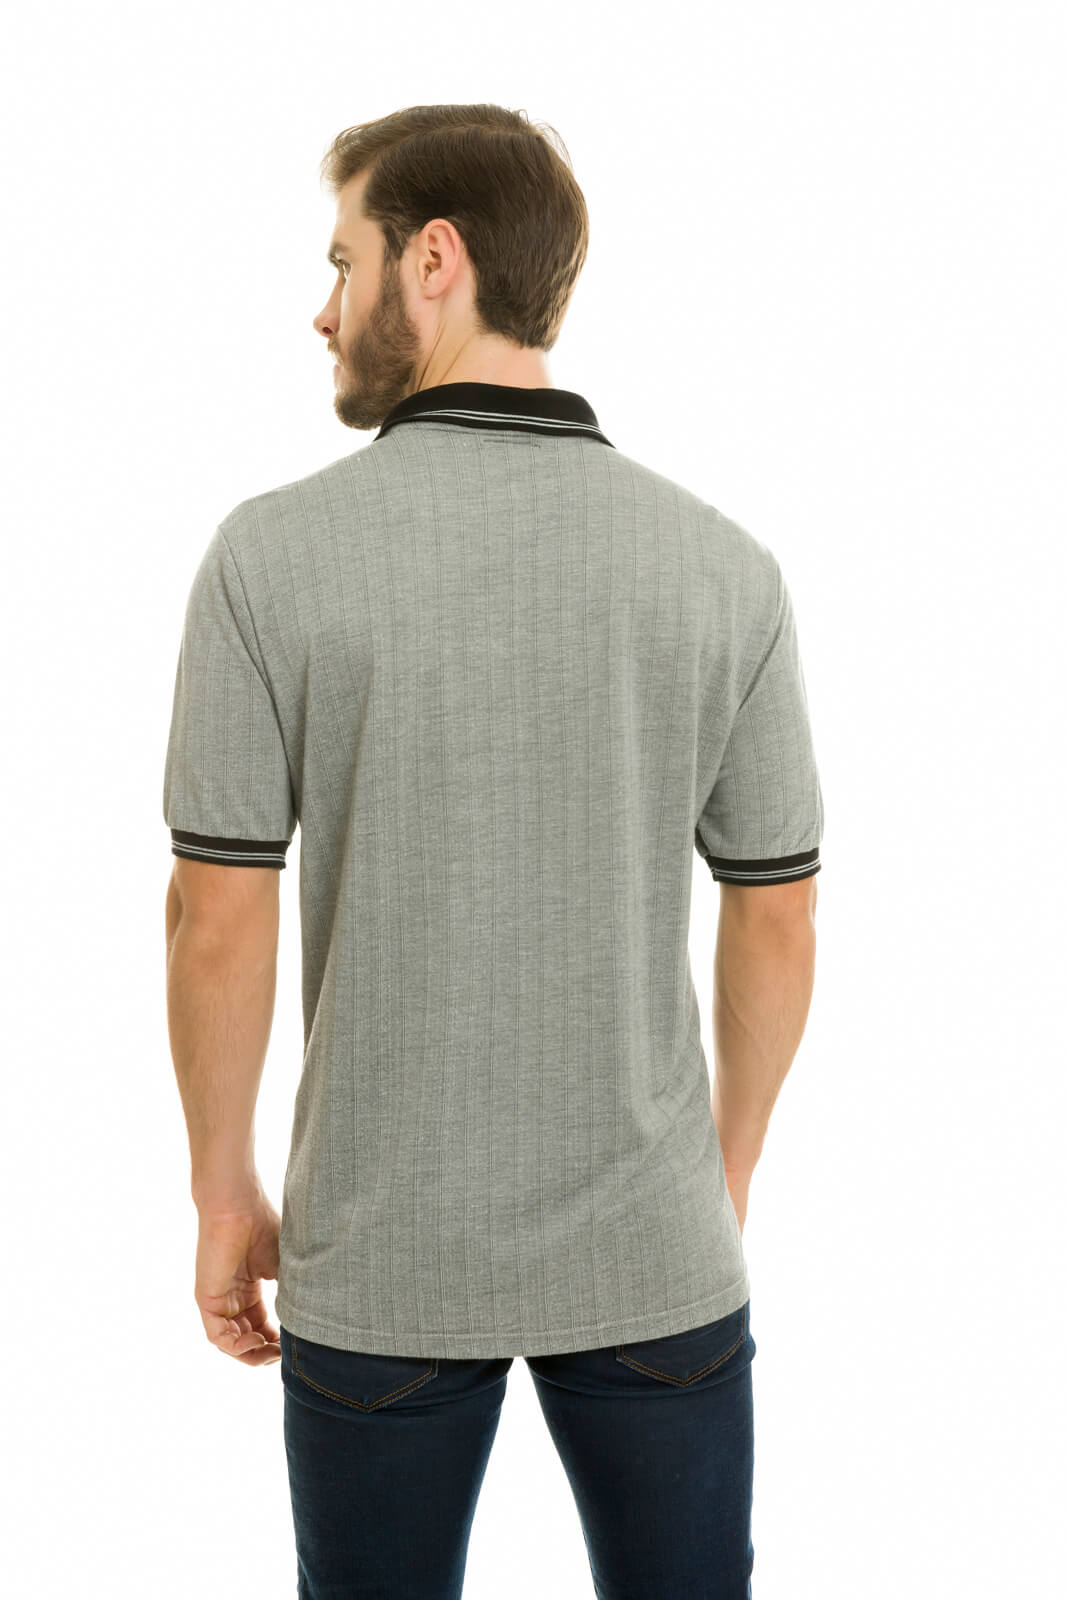 Camisa Gola Polo Olimpo Malha Jacguard Listrada Cinza